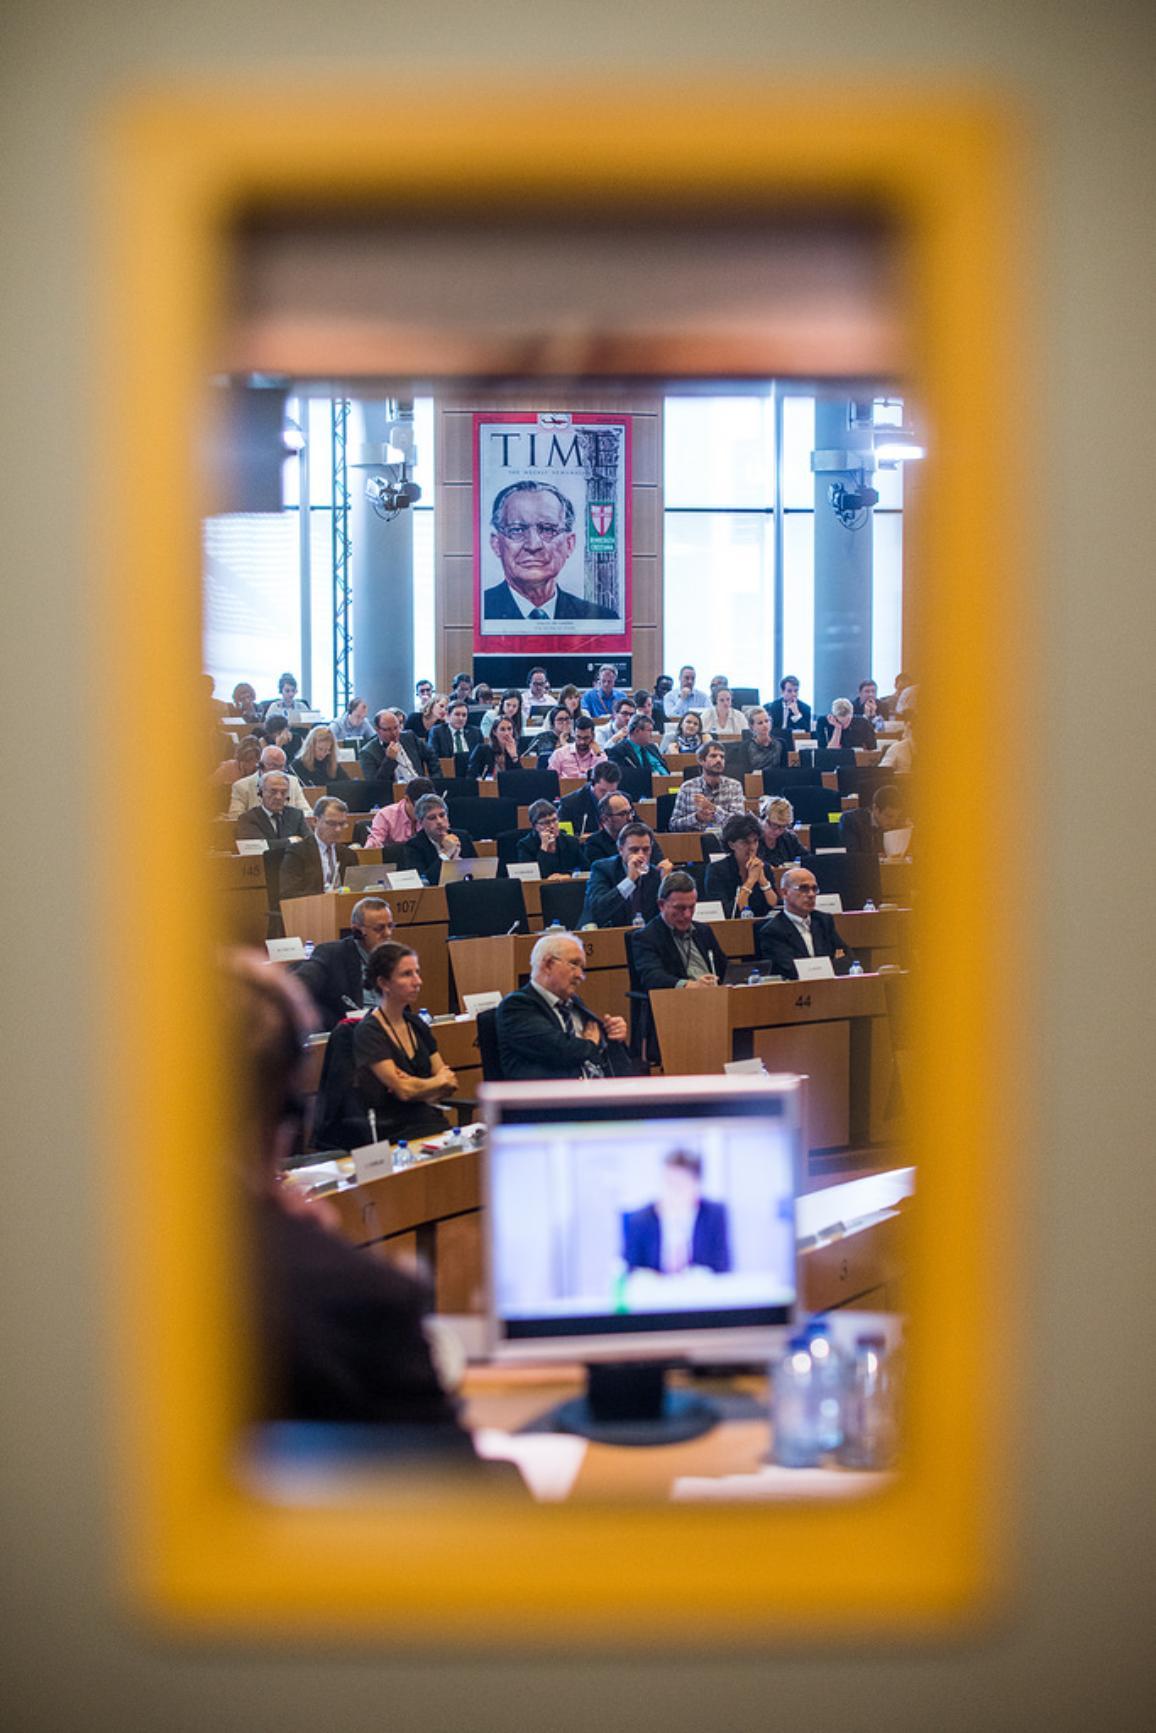 MEPs debateing during a meeting